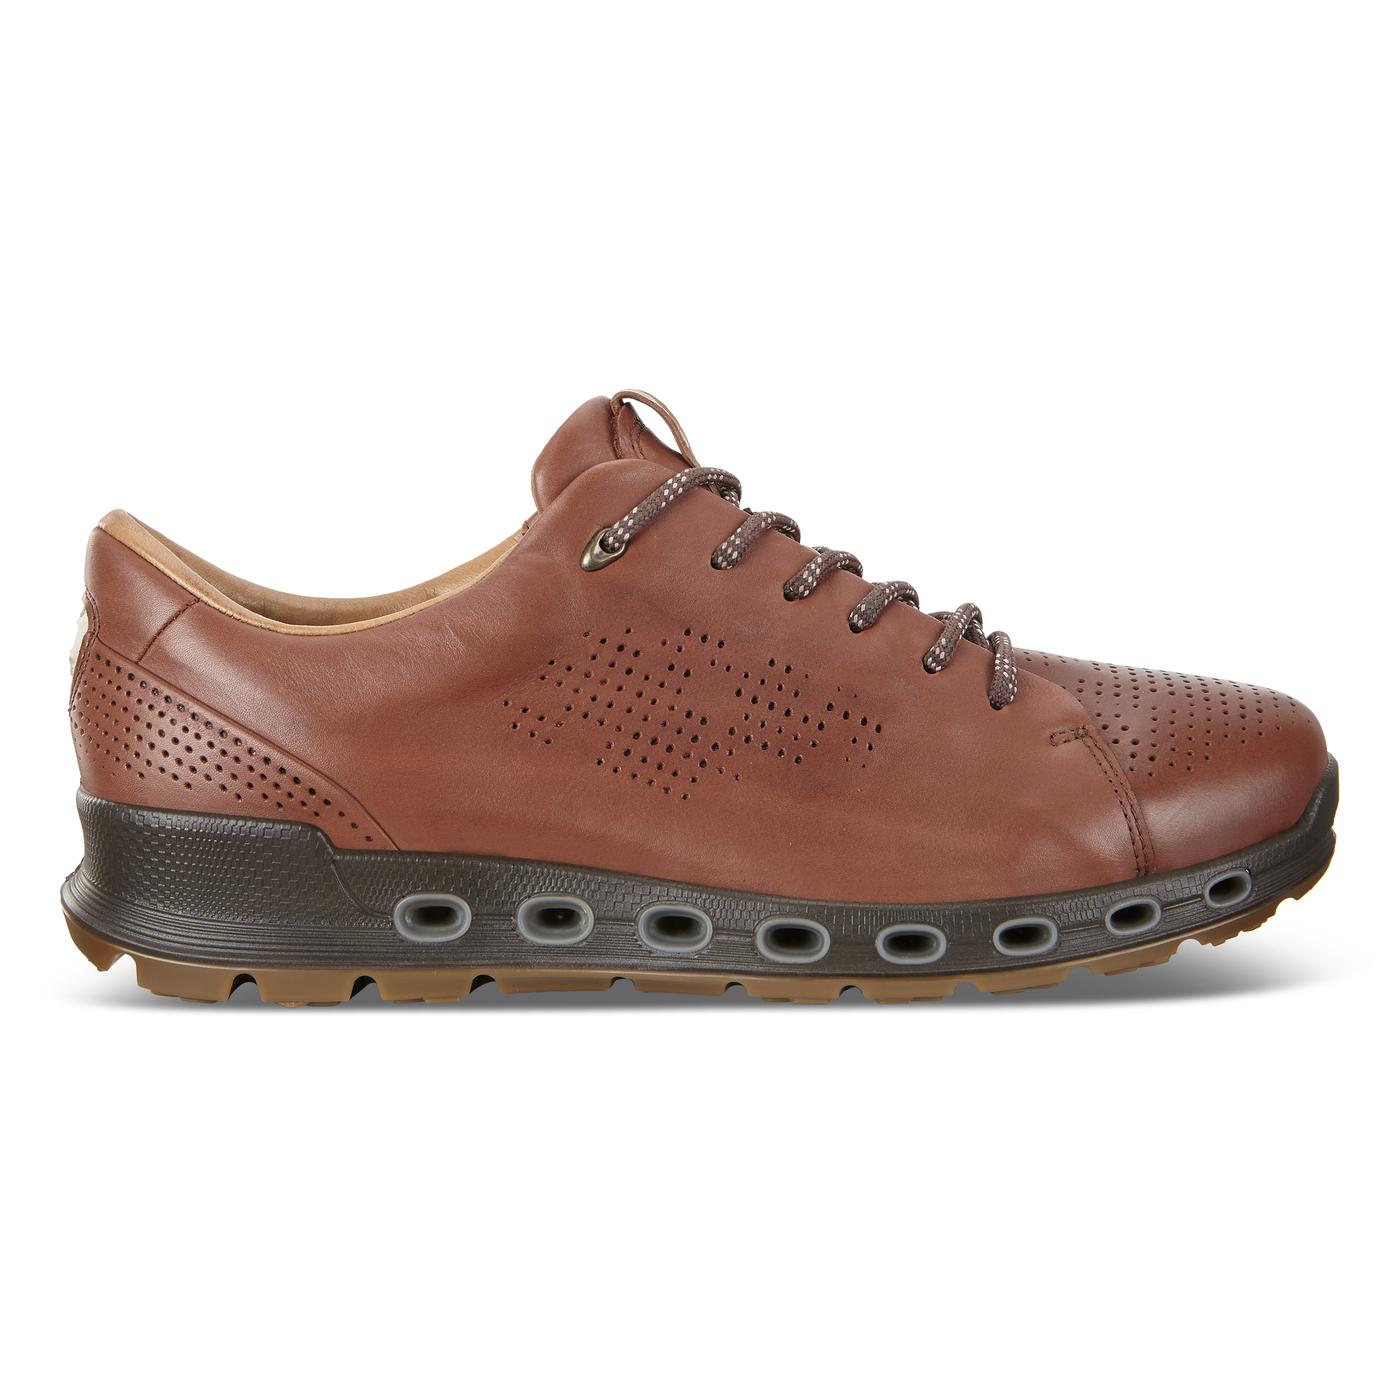 ec41c5303b ECCO Cool 2.0 GORE-TEX Sneaker | Men's Casual Shoes | ECCO® Shoes